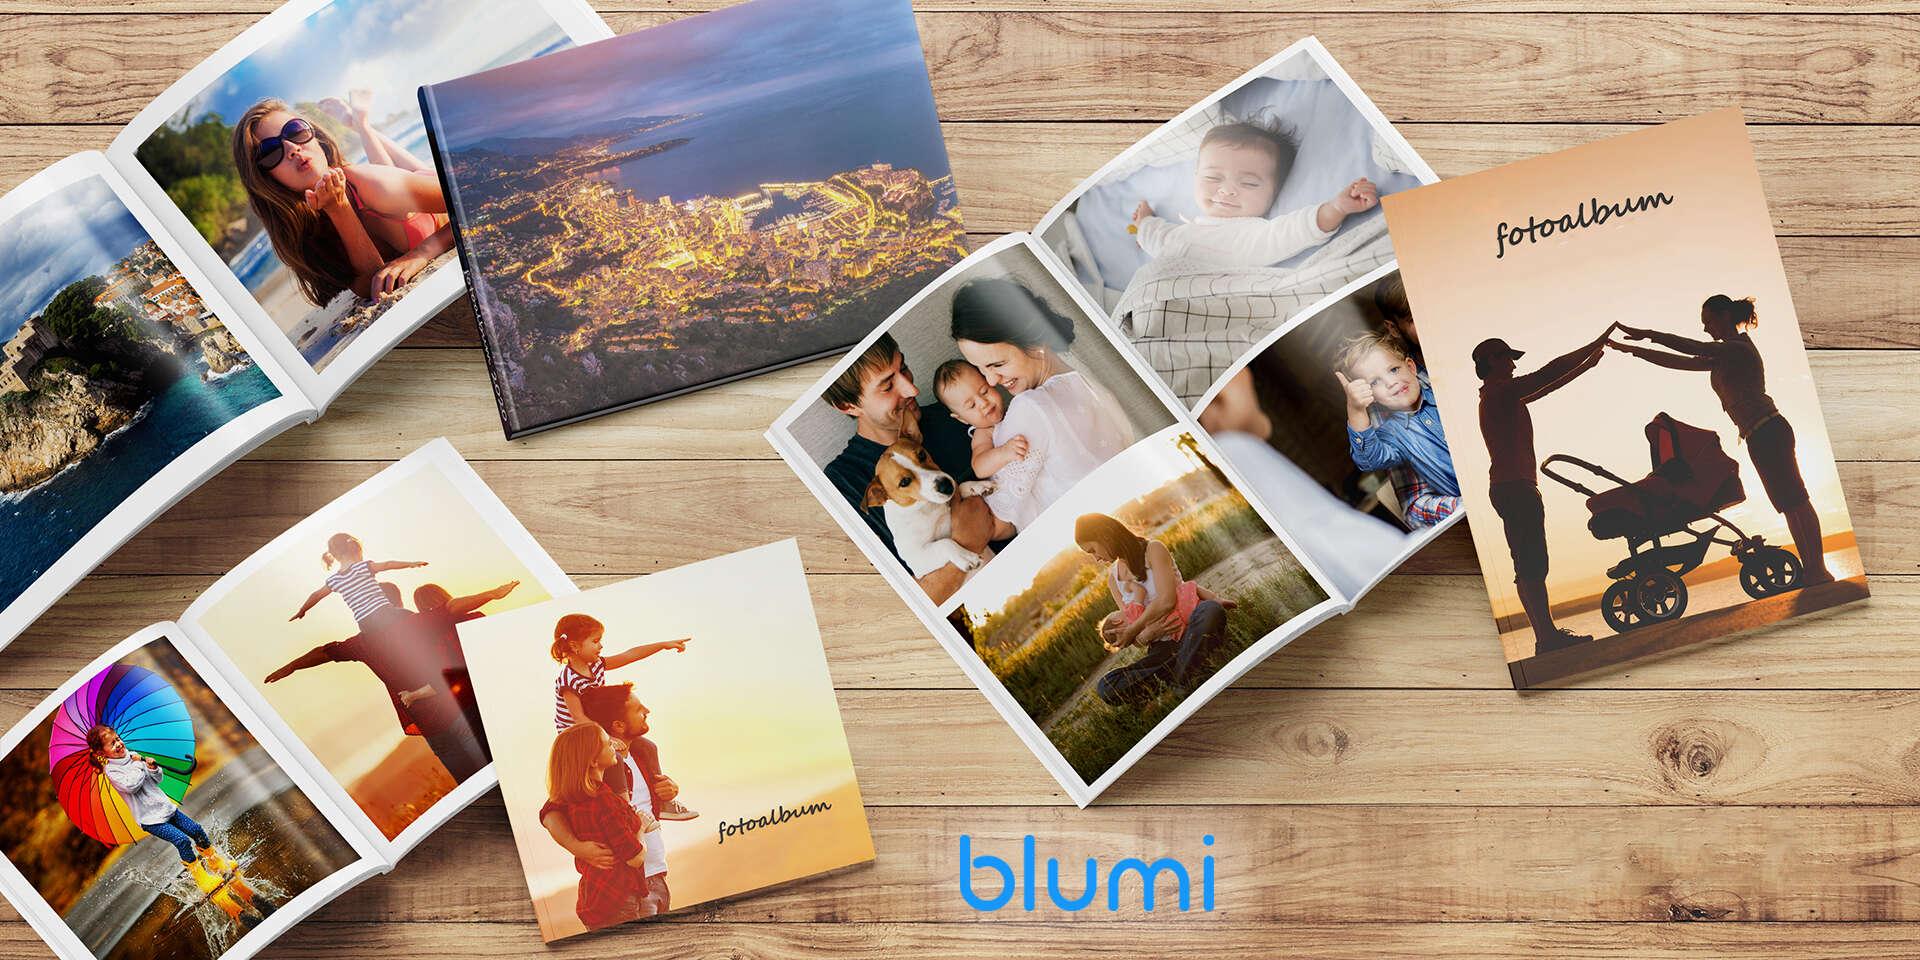 Exkluzívne fotoknihy v tvrdej knižnej väzbe s množstvom jedinečných dizajnov